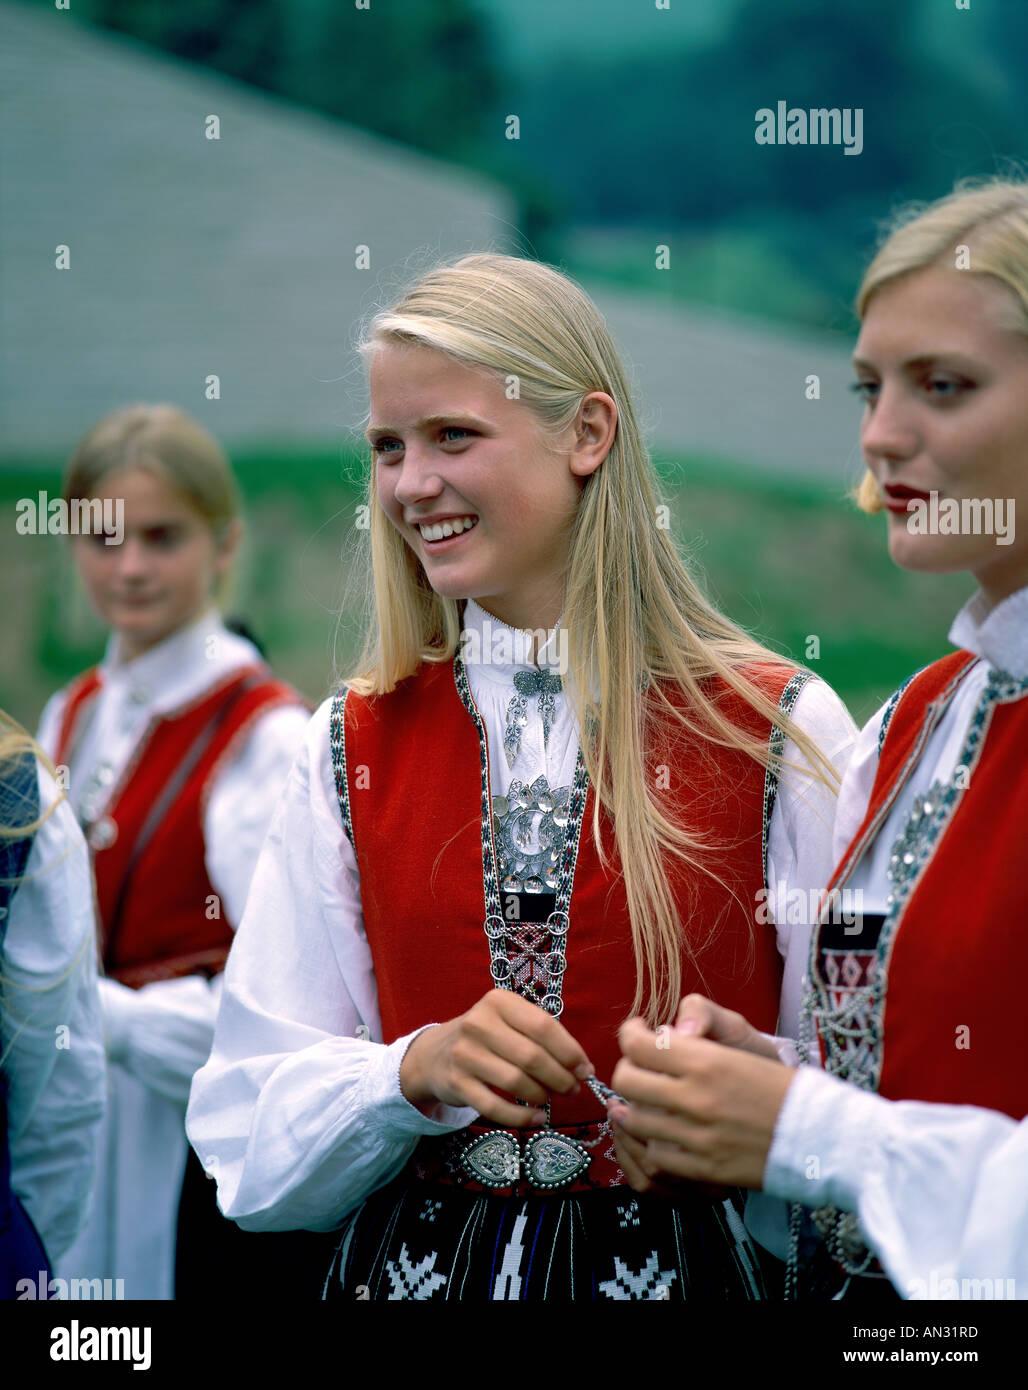 Kandidatkinja s liste Desne lige : Otkako su muškarci ženama dali pravo glasa svijet je otišao kvragu Girl-dressed-in-traditional-norwegian-costume-norway-AN31RD